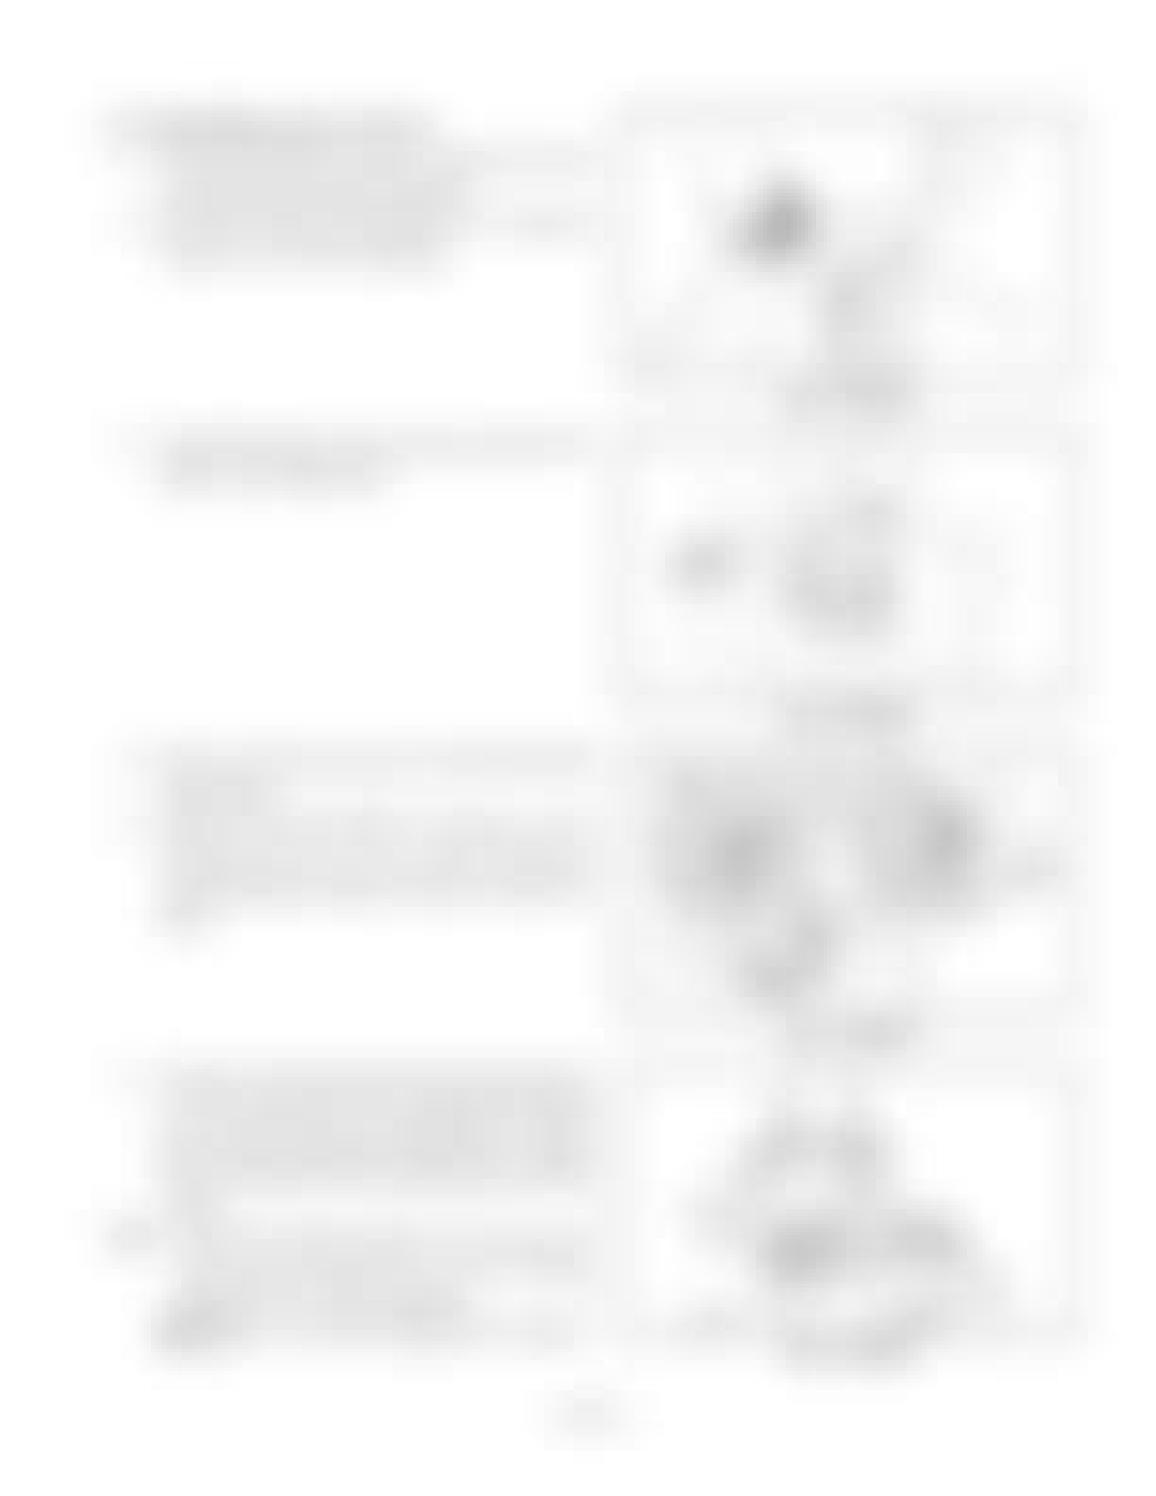 Hitachi LX110-7 LX130-7 LX160-7 LX190-7 LX230-7 Wheel Loader Workshop Manual - PDF DOWNLOAD page 143